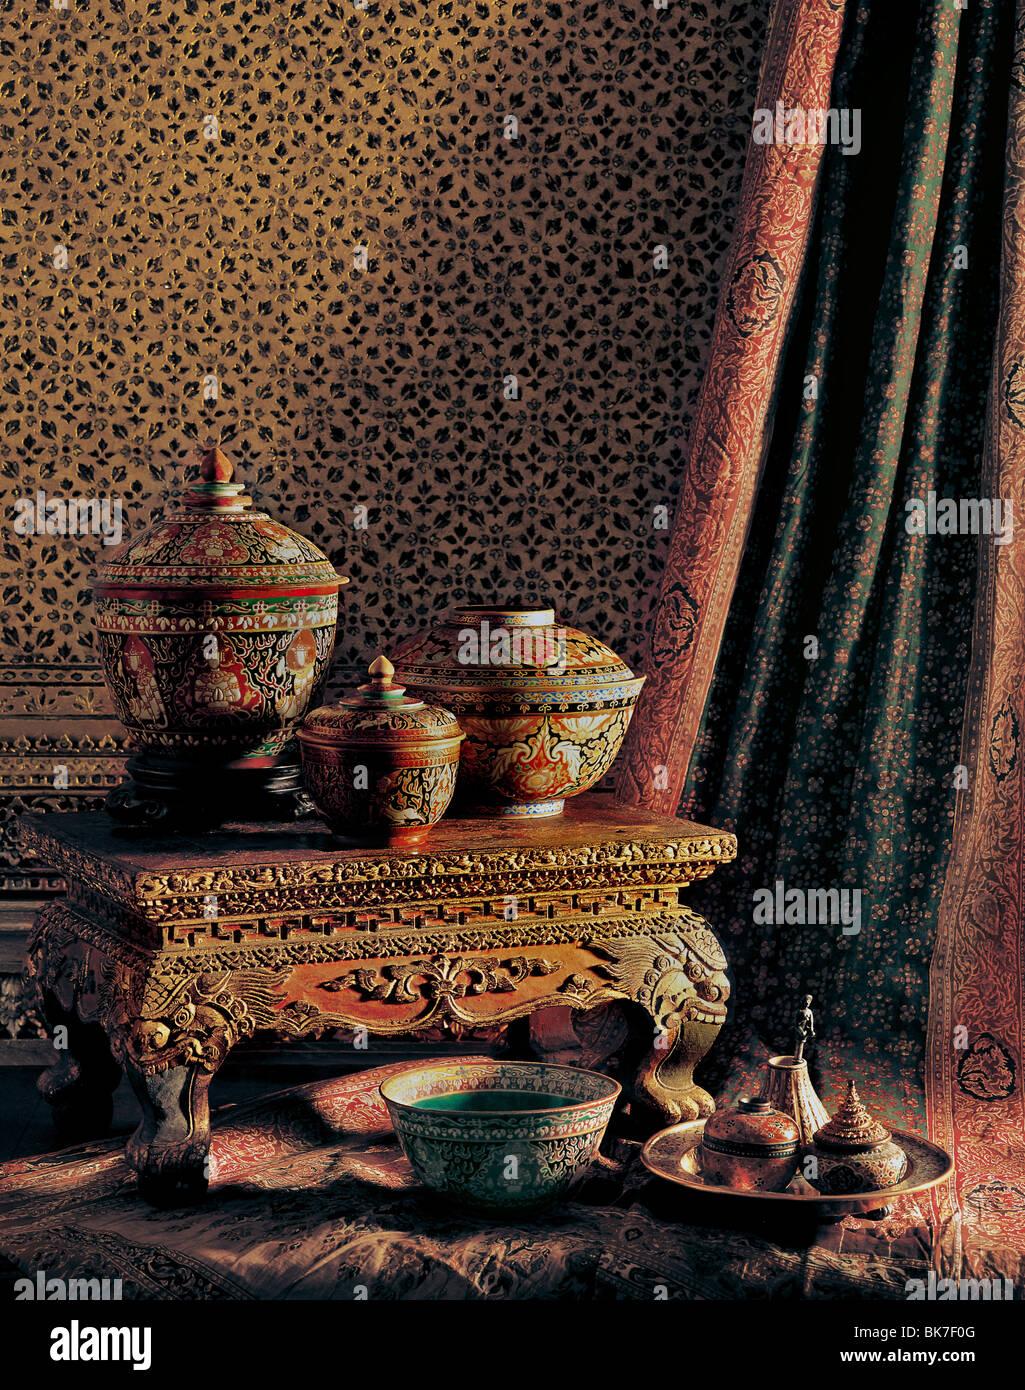 Muebles Tailandia Simple Tailandia Muebles Y Decoracin Tpica  # Muebles Tailandia